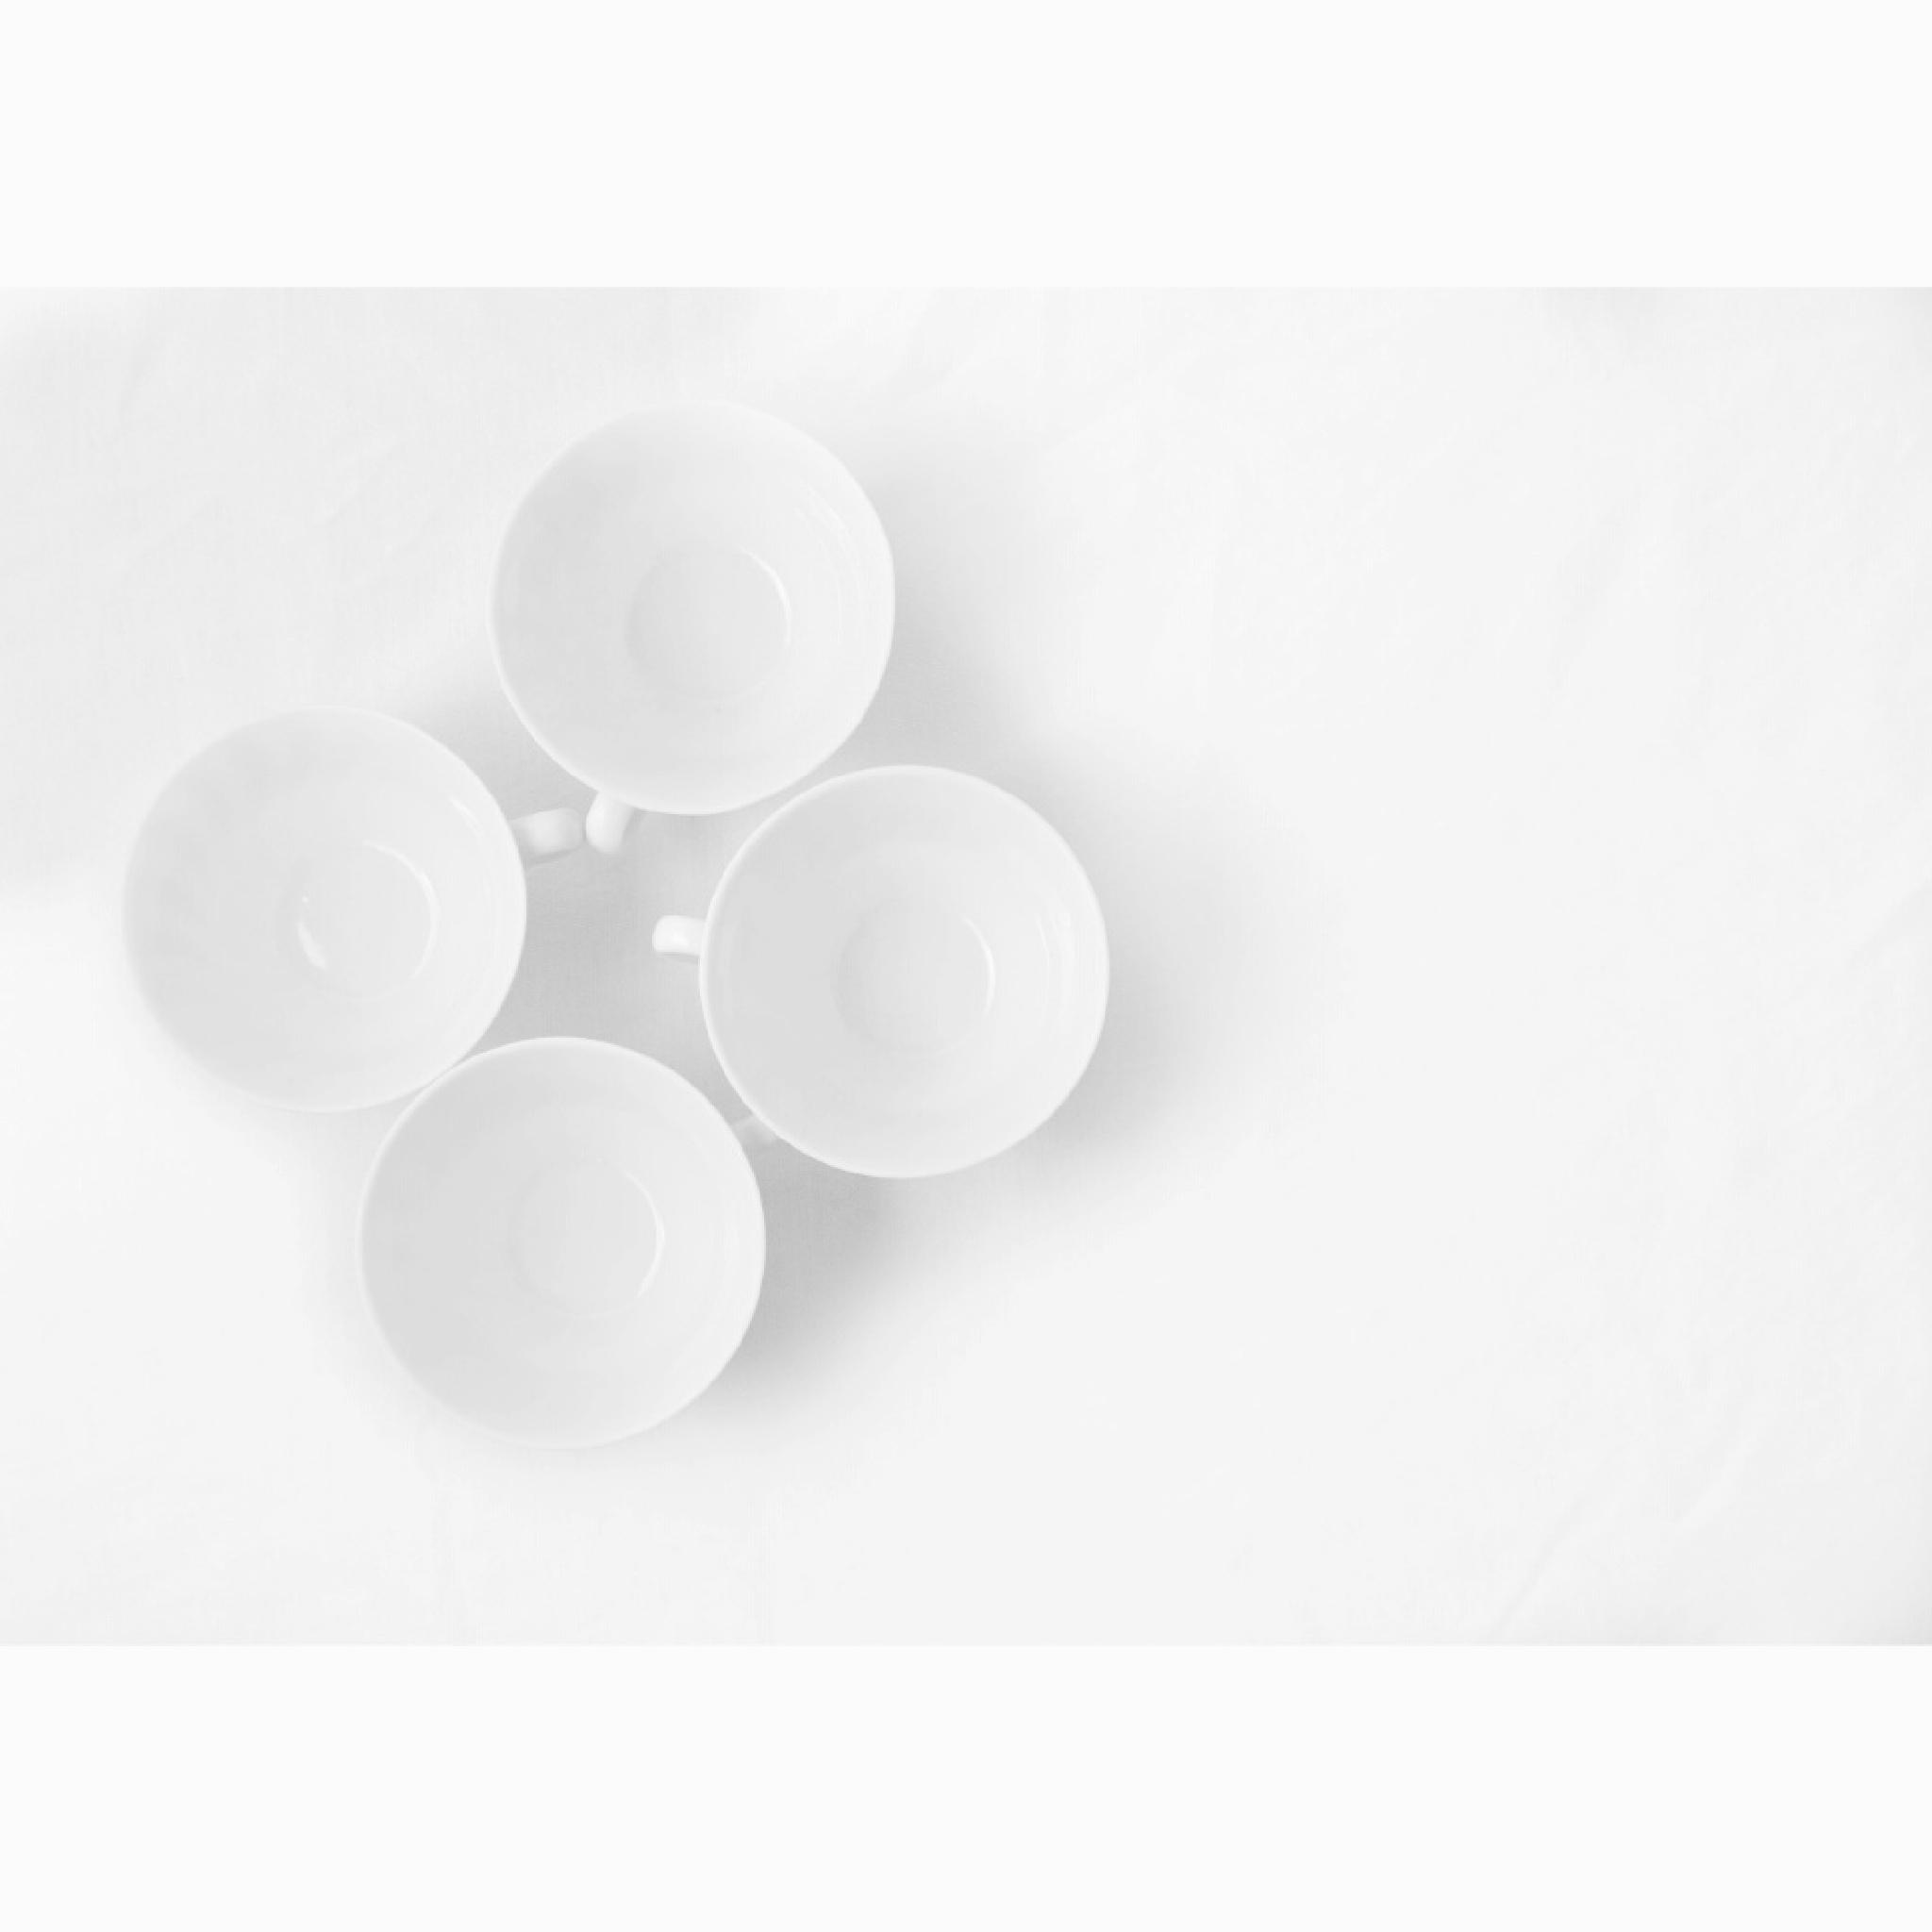 White by Abdelrhman Mohamed